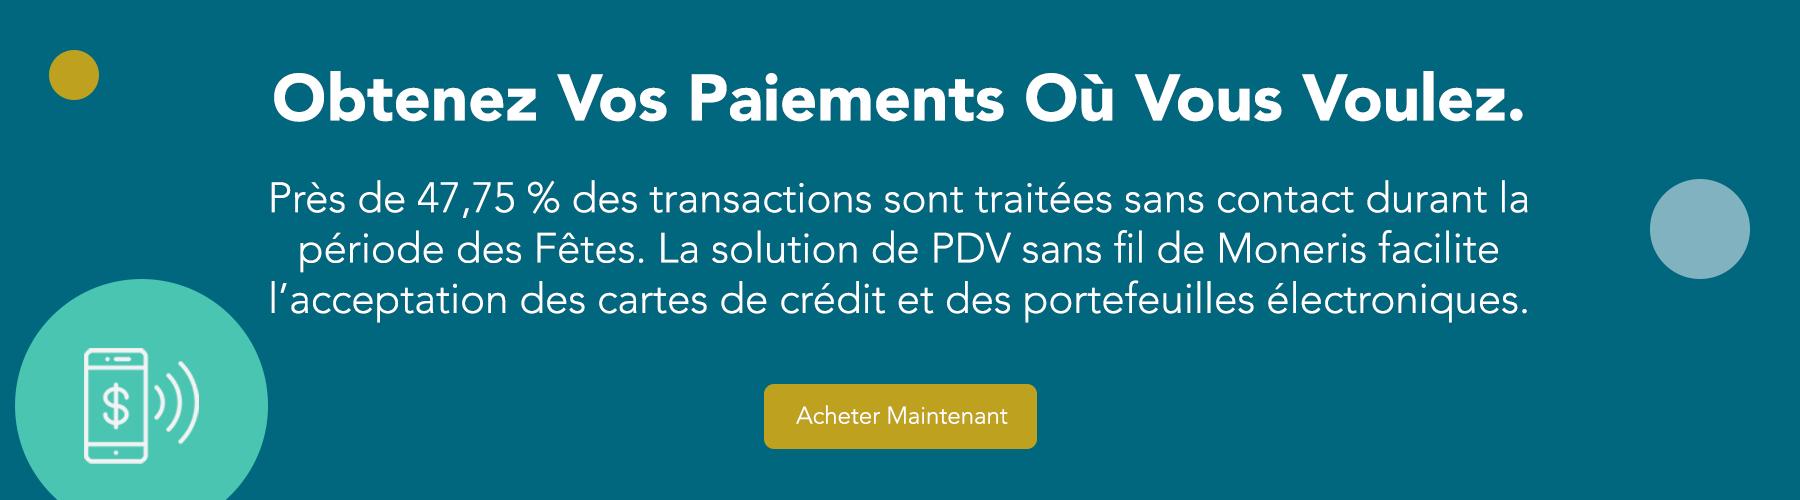 Obtenez vos paiements où vous voulez. Près de 47,75 % des transactions sont traitées sans contact durant la période des Fêtes. La solution de PDV sans fil de Moneris facilite l'acceptation des cartes de crédit et des portefeuilles électroniques. Commandez la vôtre dès aujourd'hui.